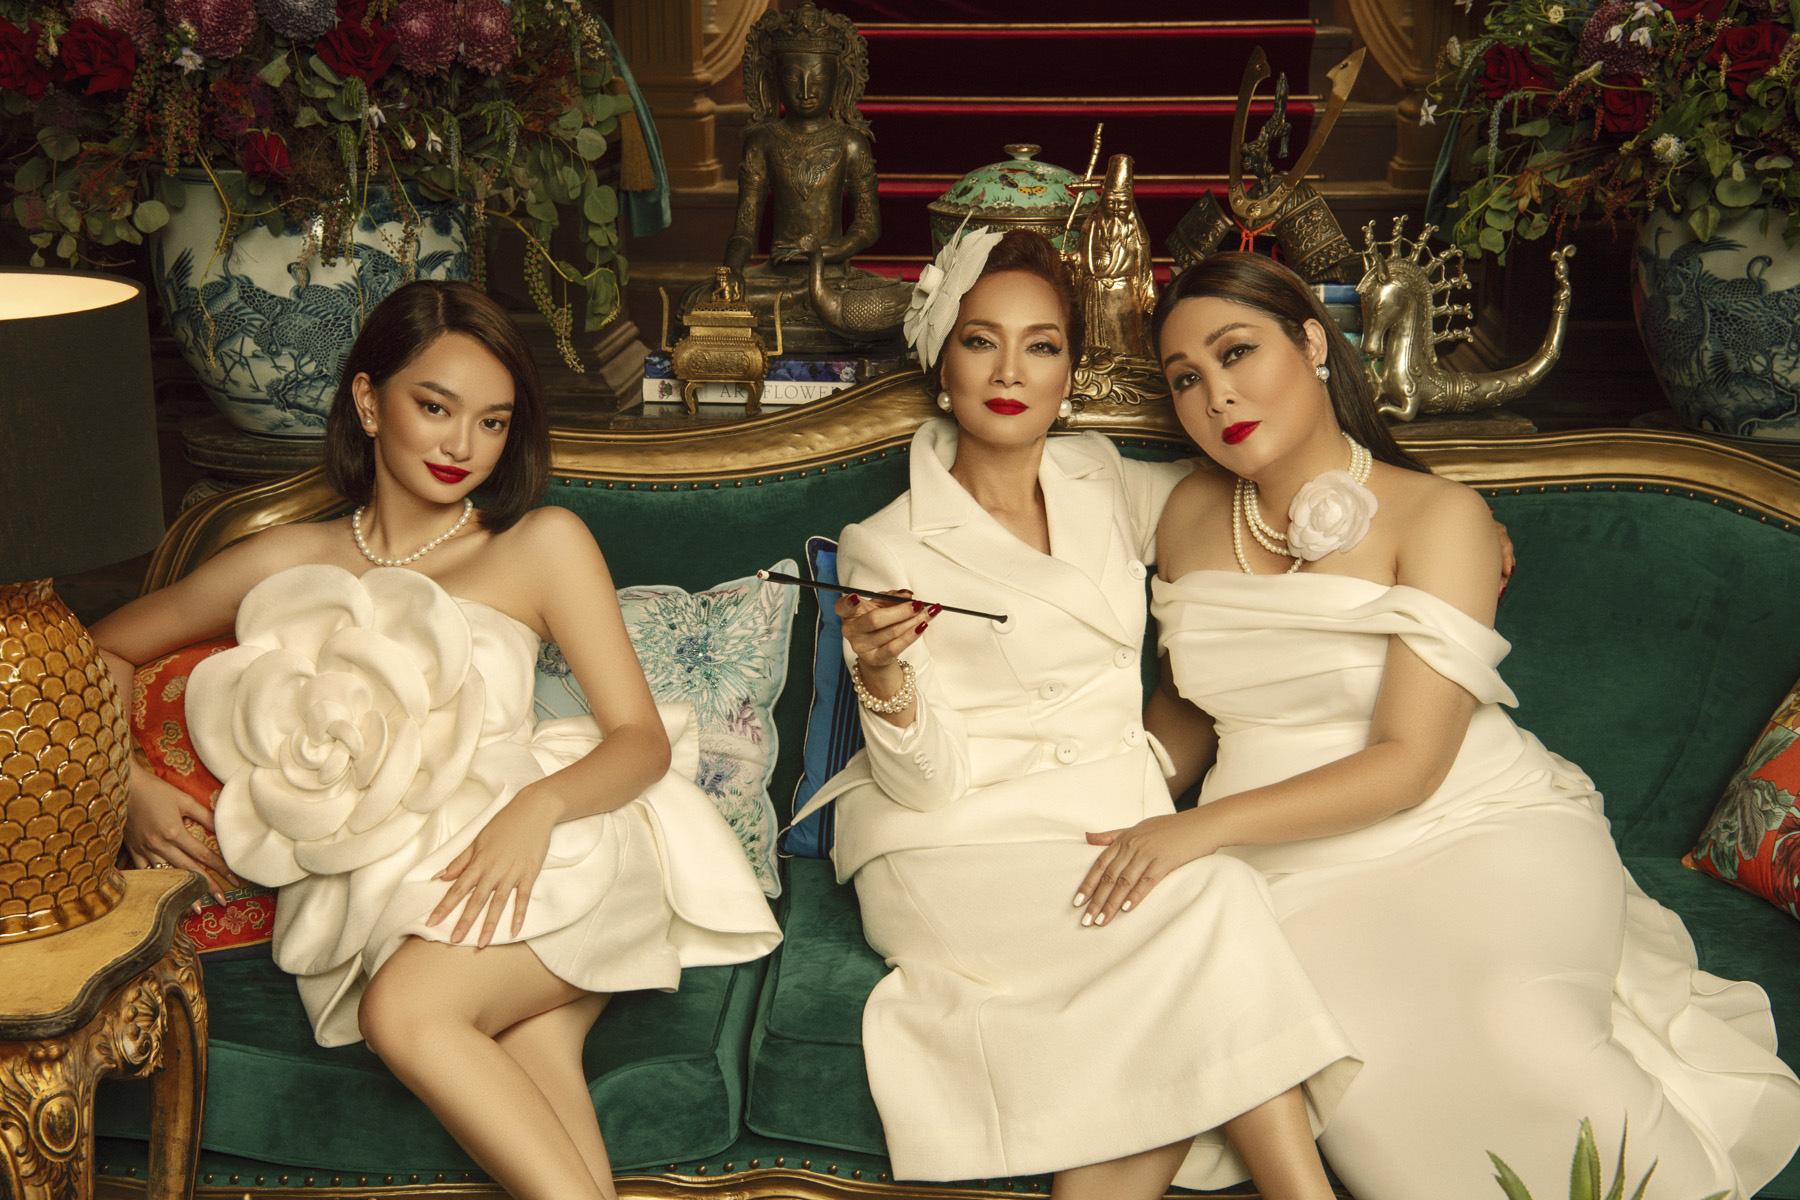 Kaity Nguyễn cùng Lê Khanh, Hồng Vân gia nhập đường đua phim Tết với Gái già lắm chiêu 5 - Ảnh 1.